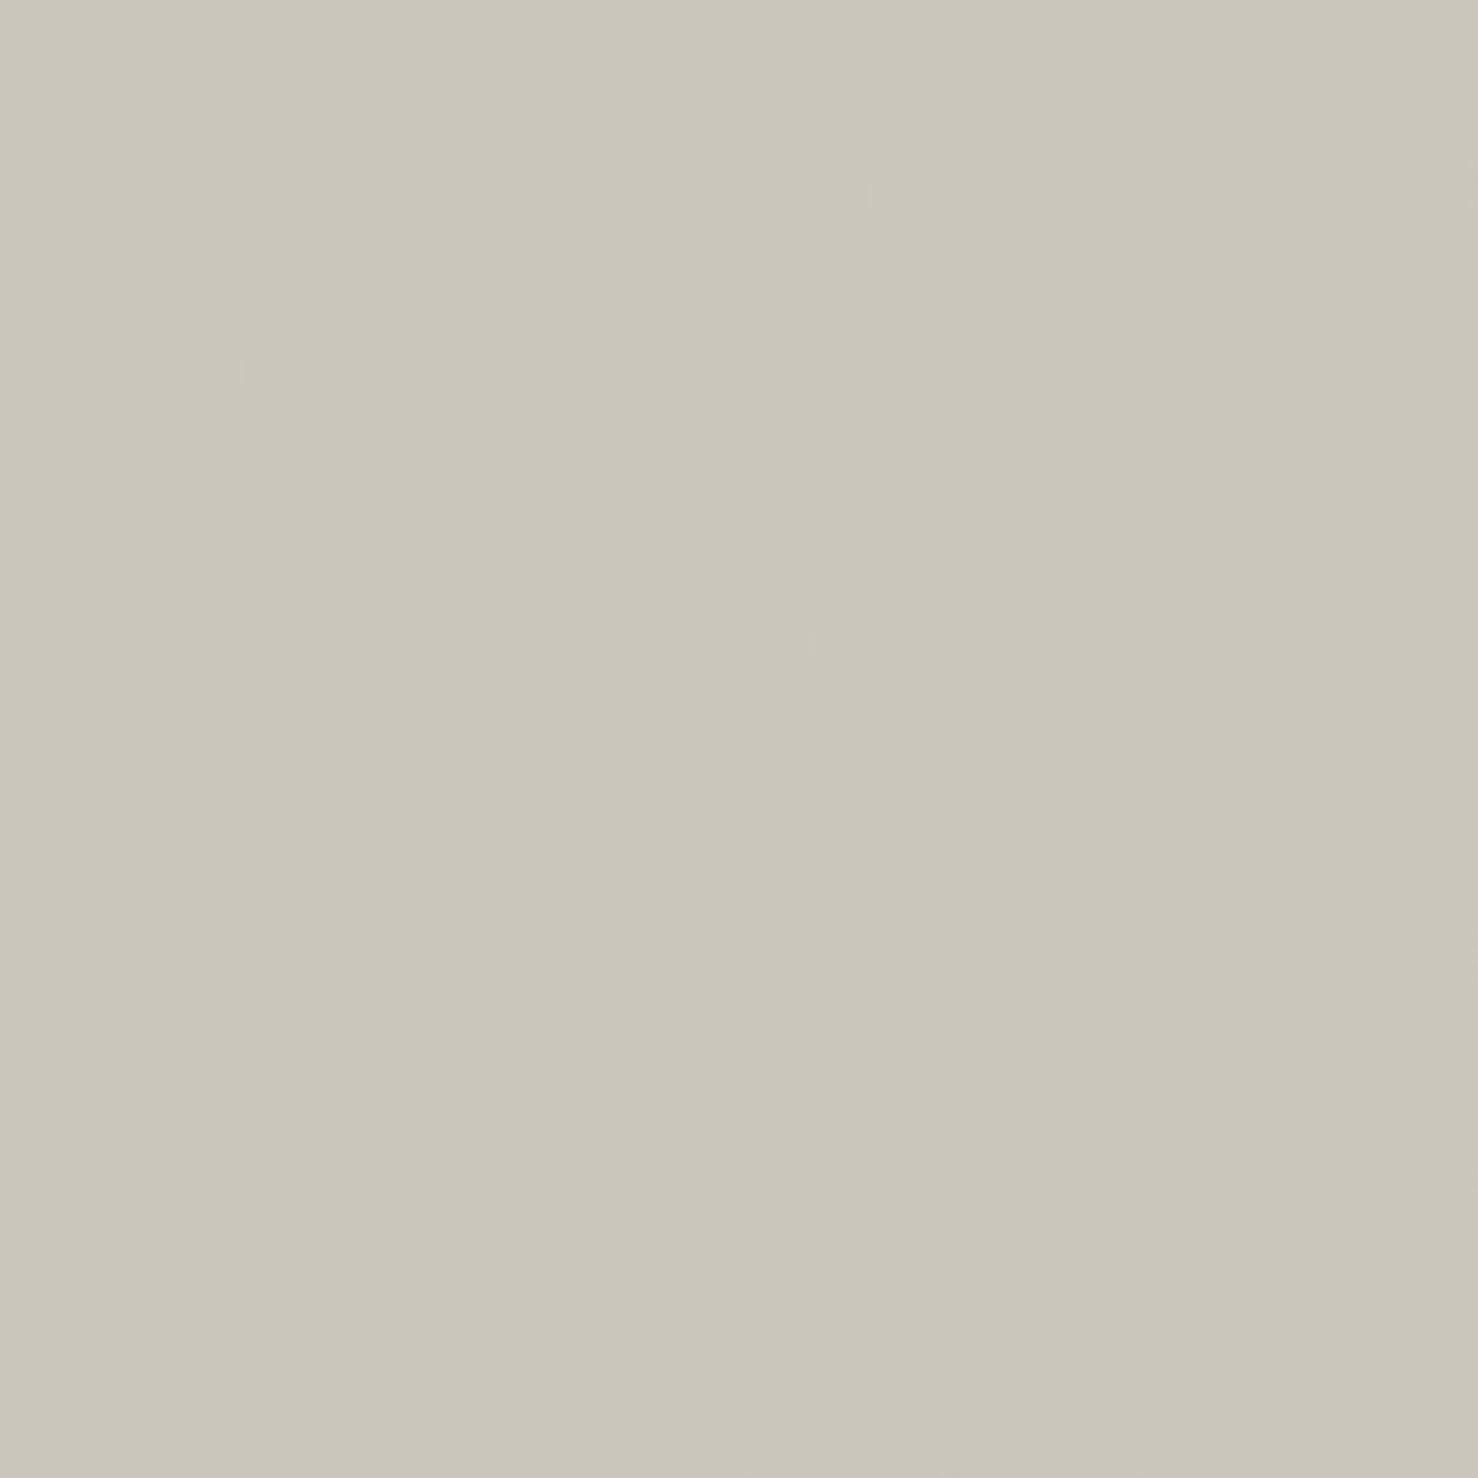 パンチ子孫小麦メラミン化粧板 カラーシステムフィット(ベースカラー) K-6119KN 3x6 表面エンボス(梨地)仕上